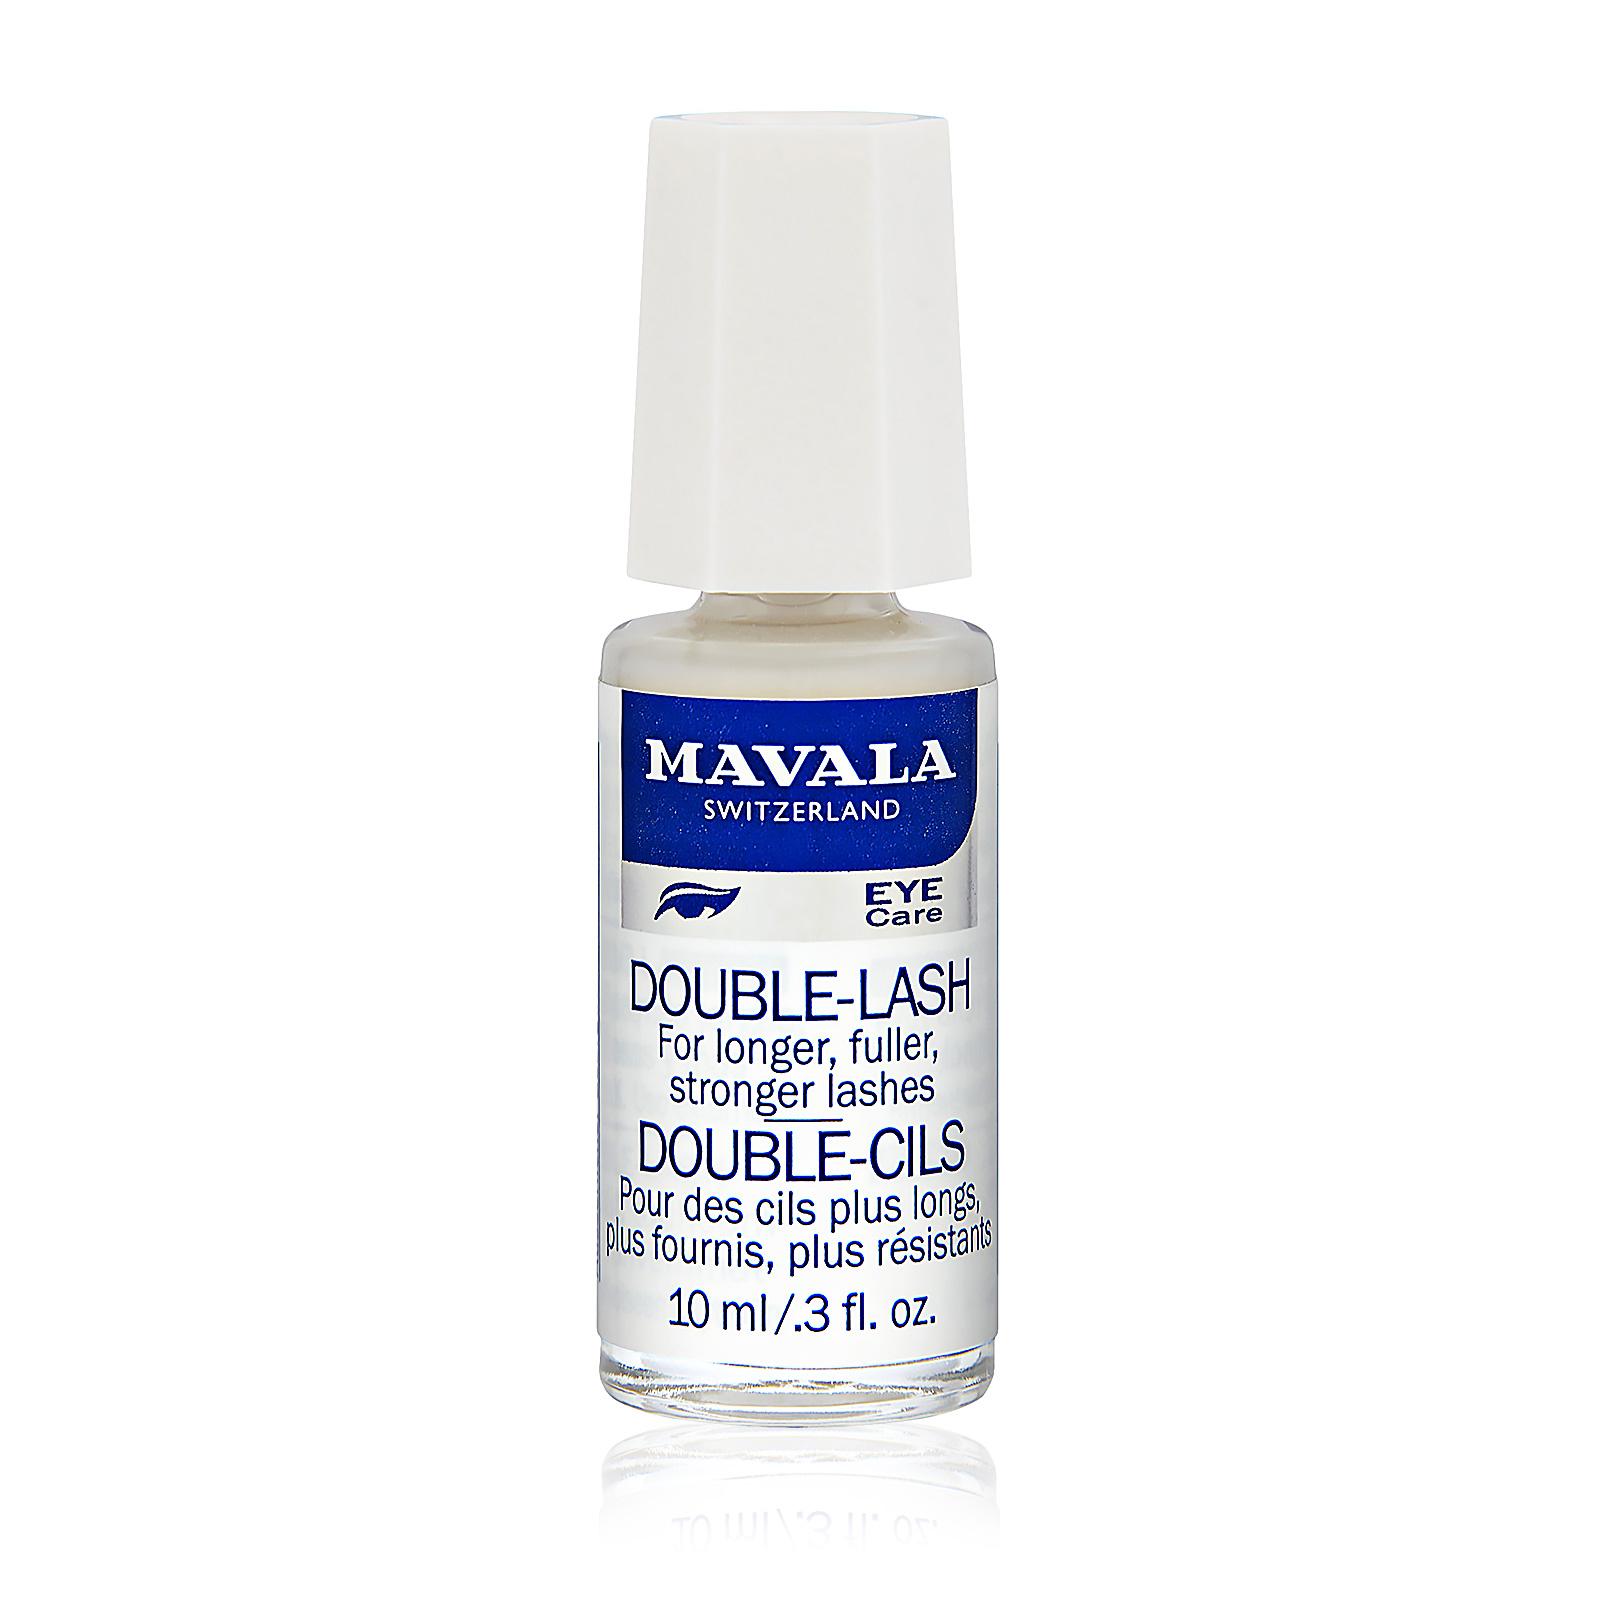 Double-Lash (For Longer, Fuller, Stronger Lashes)